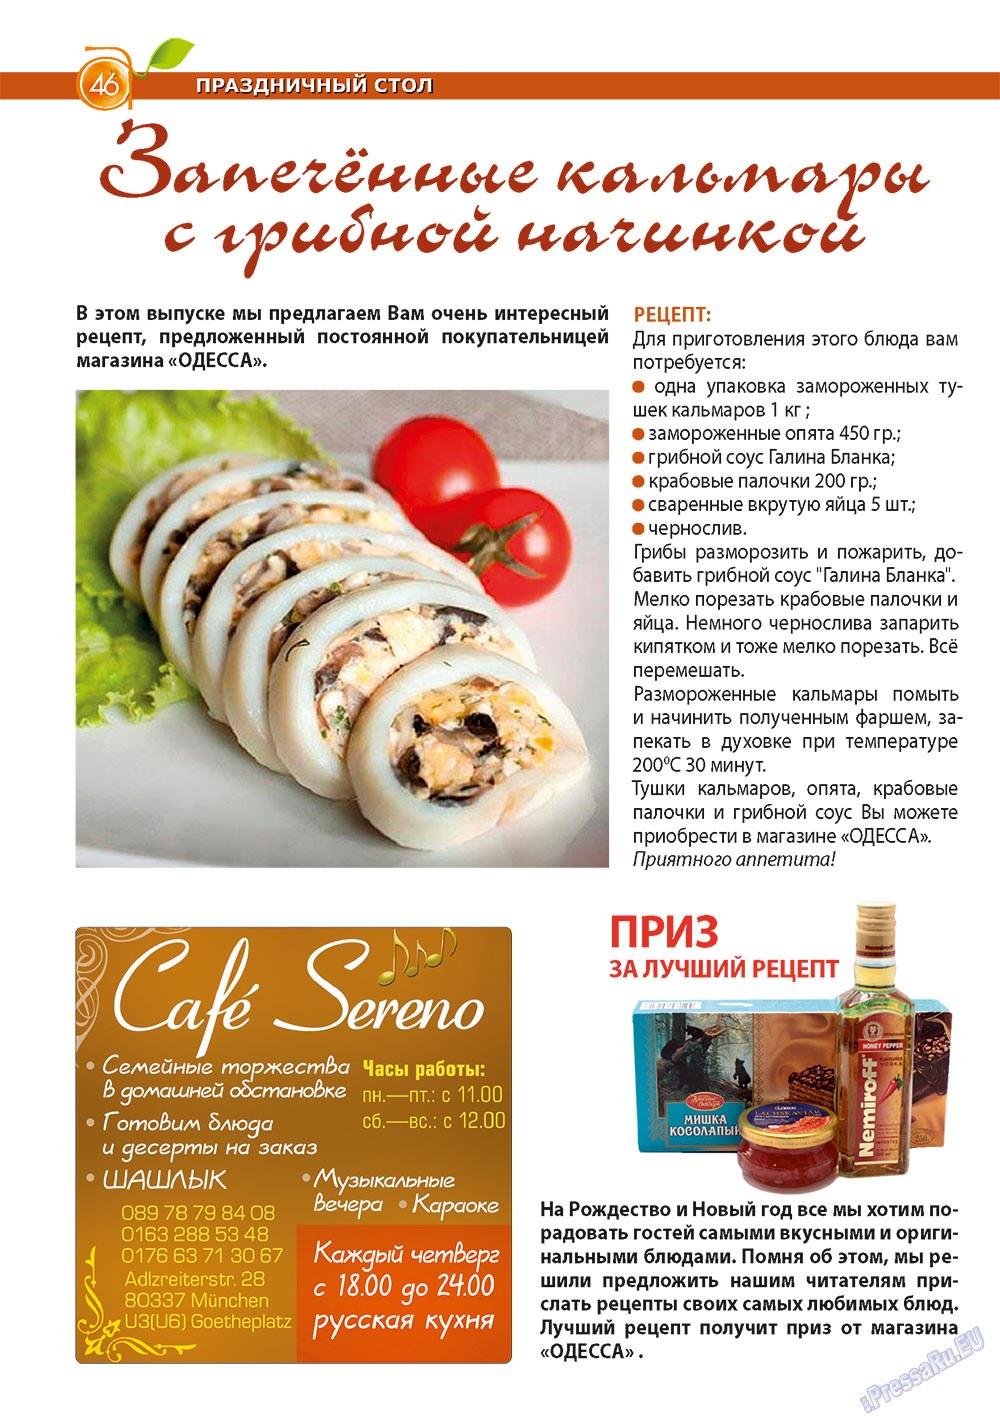 Апельсин (журнал). 2012 год, номер 41, стр. 46